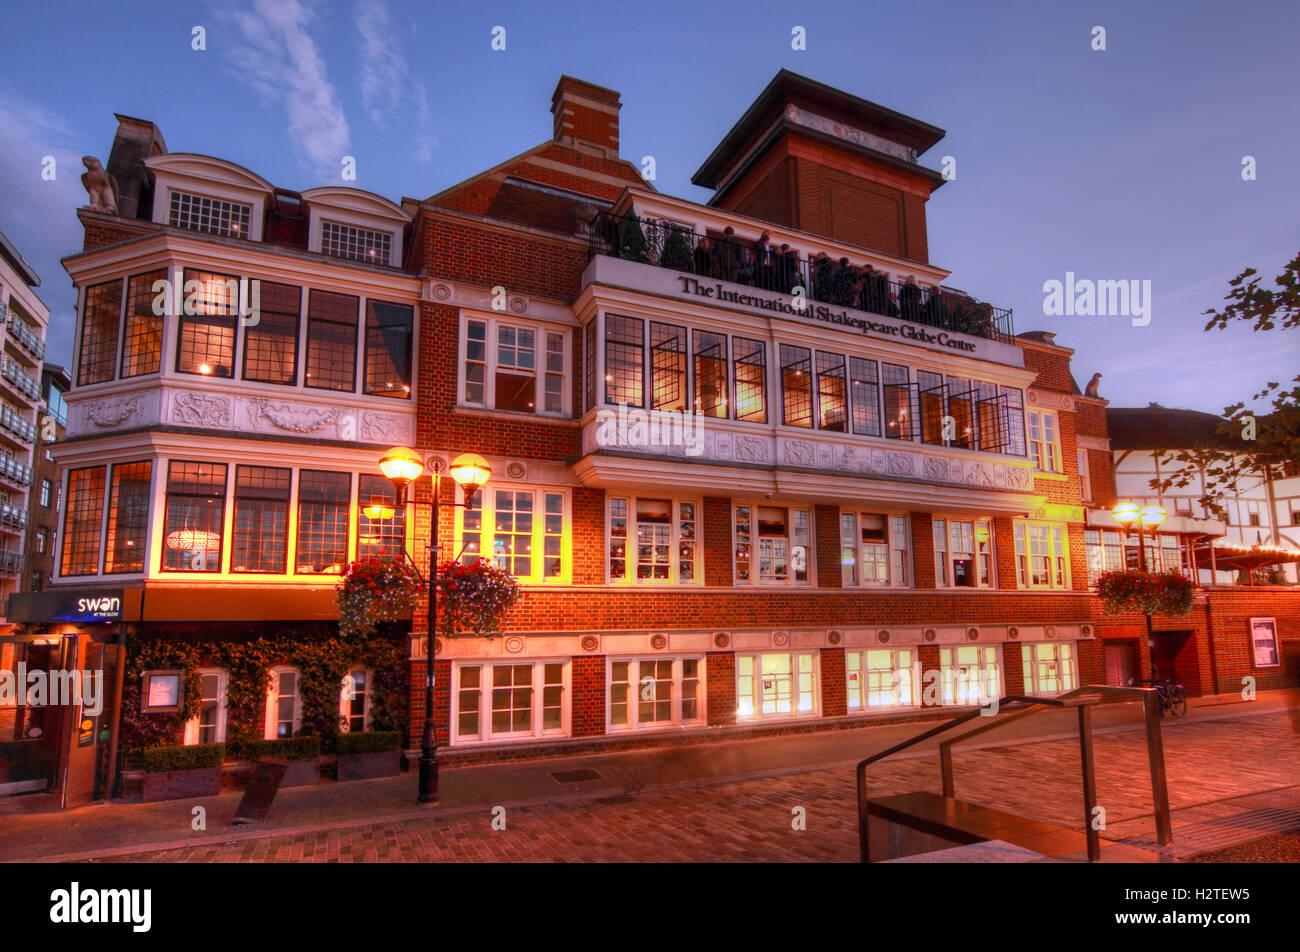 Laden Sie dieses Alamy Stockfoto Shakespeares Globe Theatre, Bankside, Southwark, London in der Abenddämmerung - H2TEW5